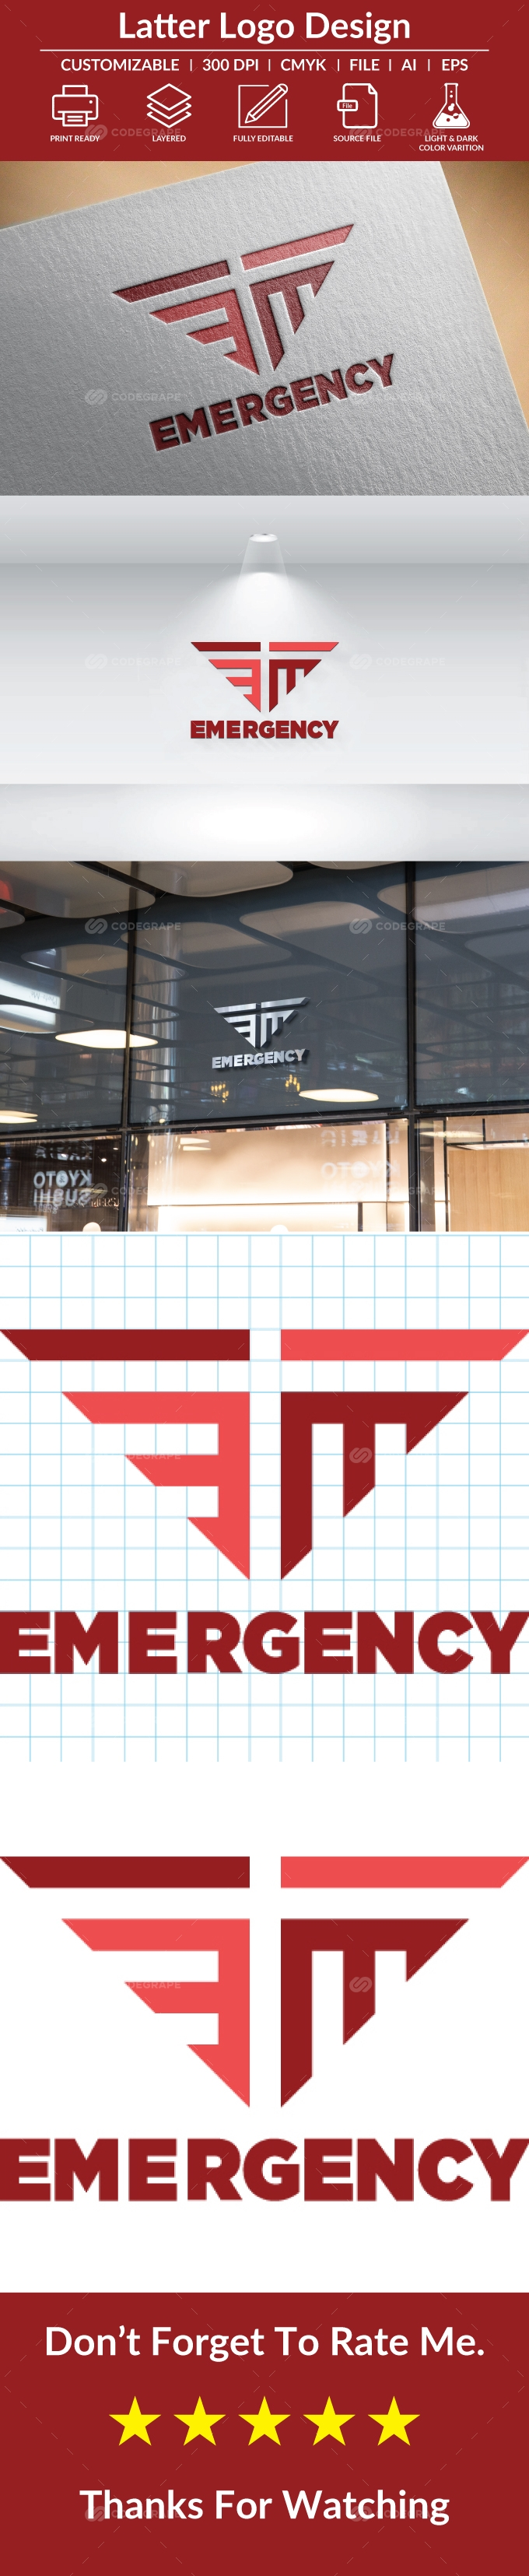 Latter Logo Design